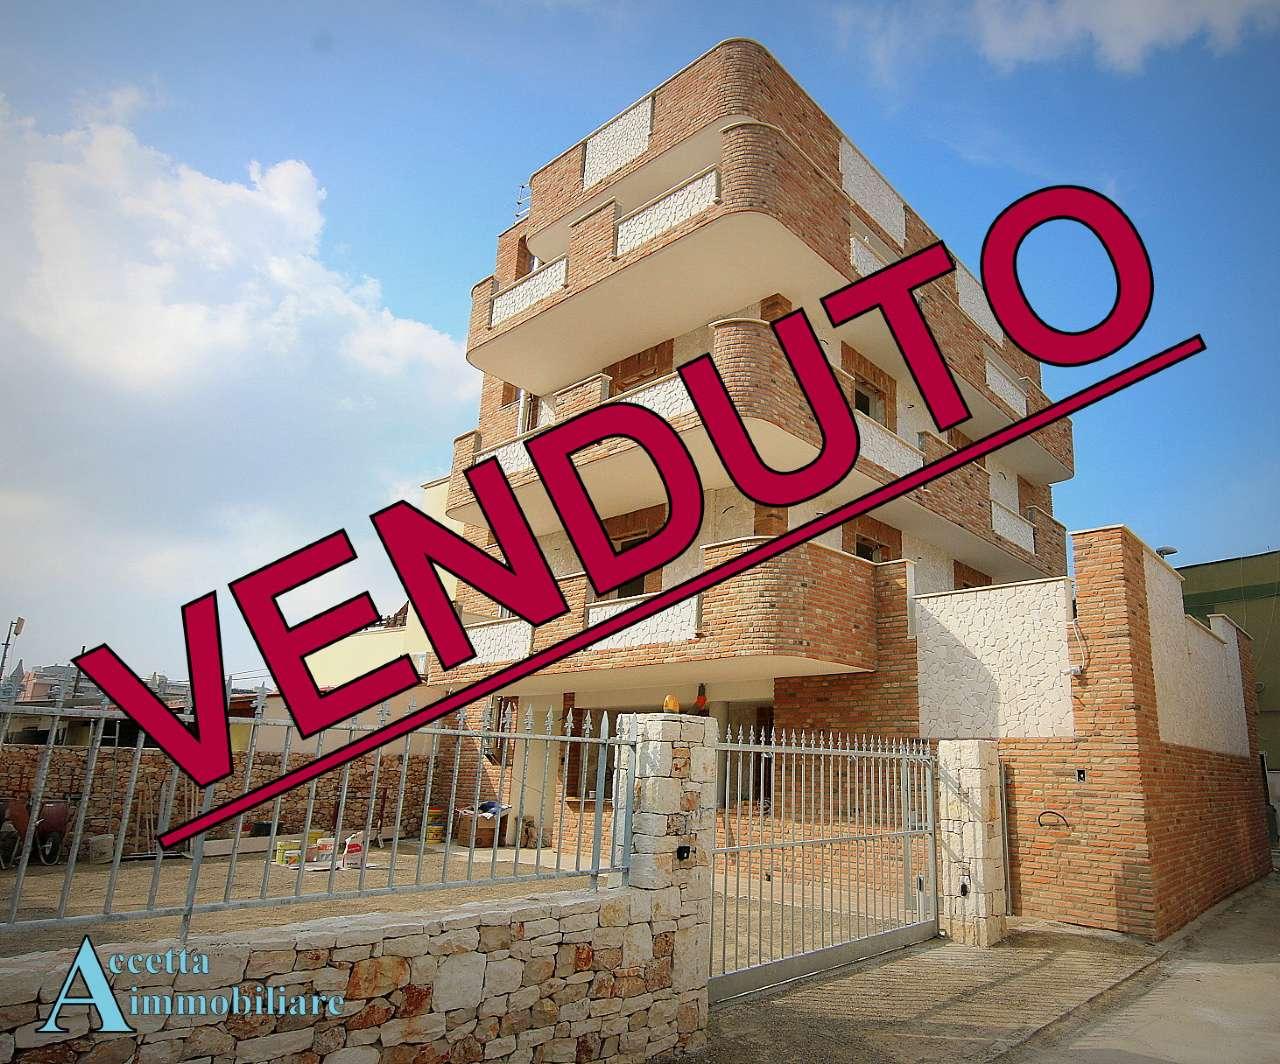 Appartamento in vendita a Taranto, 4 locali, prezzo € 145.000 | CambioCasa.it